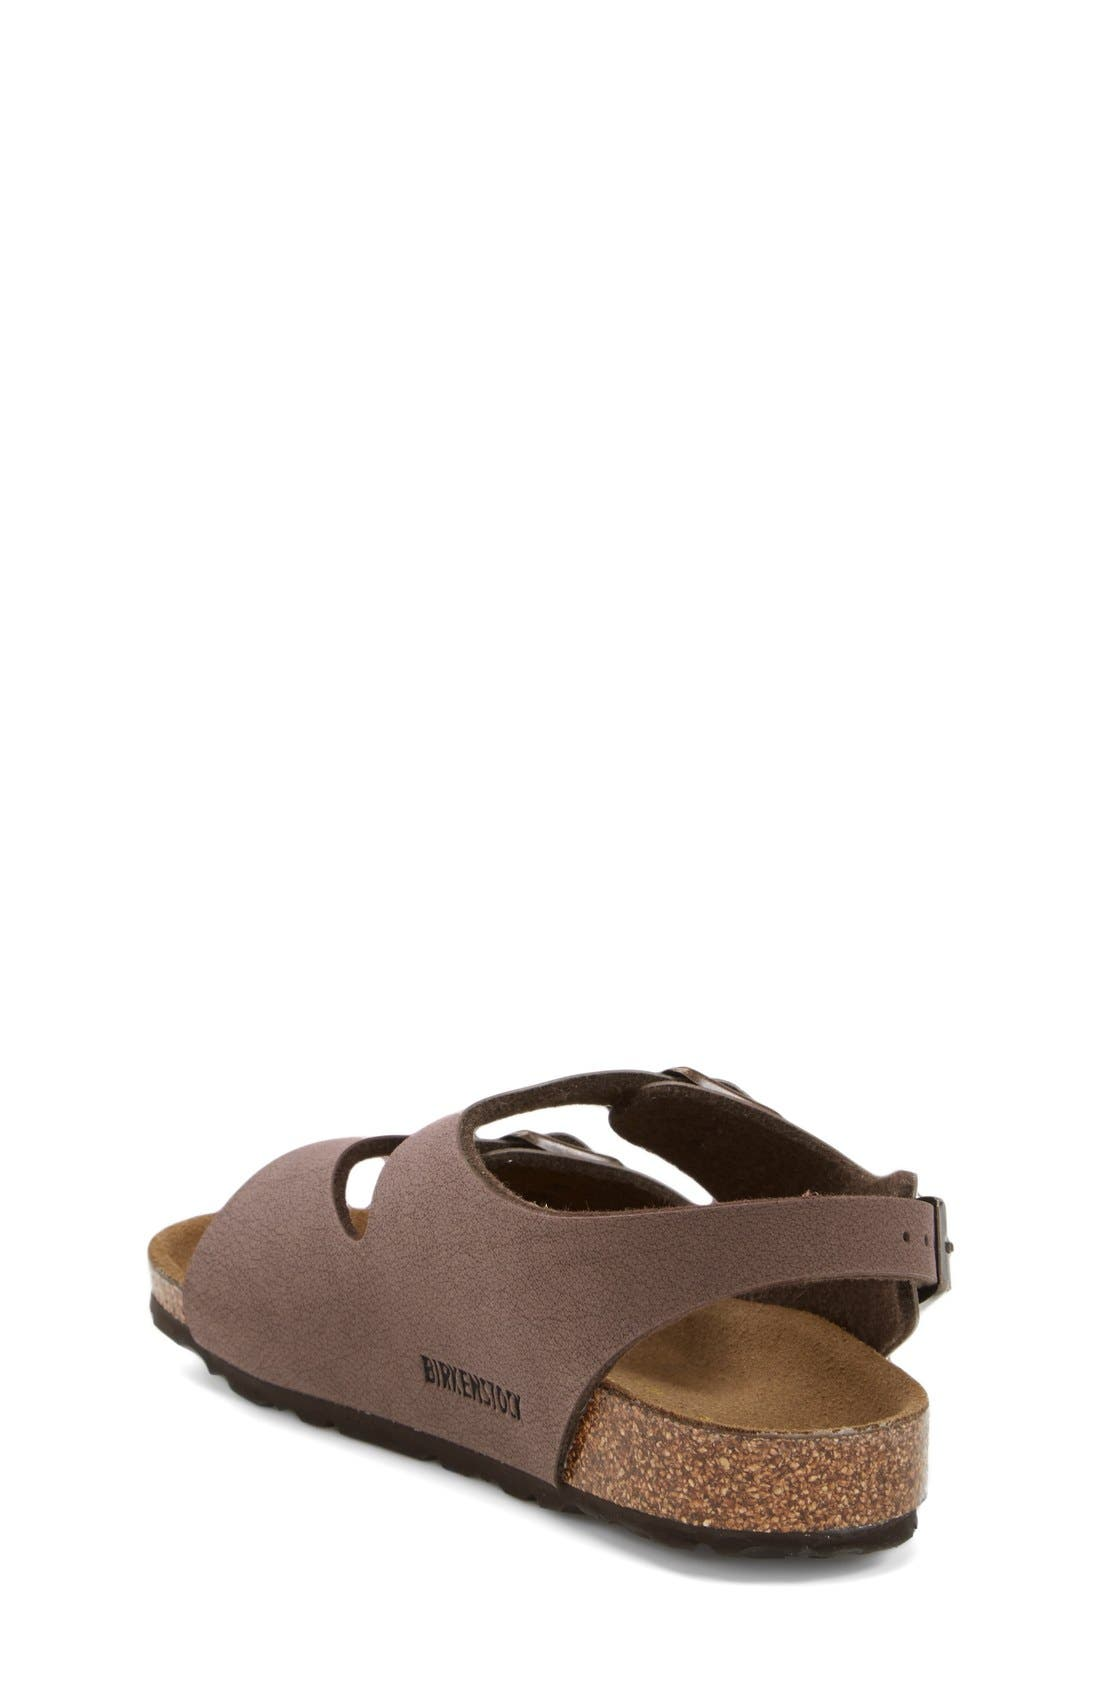 Alternate Image 2  - Birkenstock 'Roma' Sandal (Walker, Toddler & Little Kid)